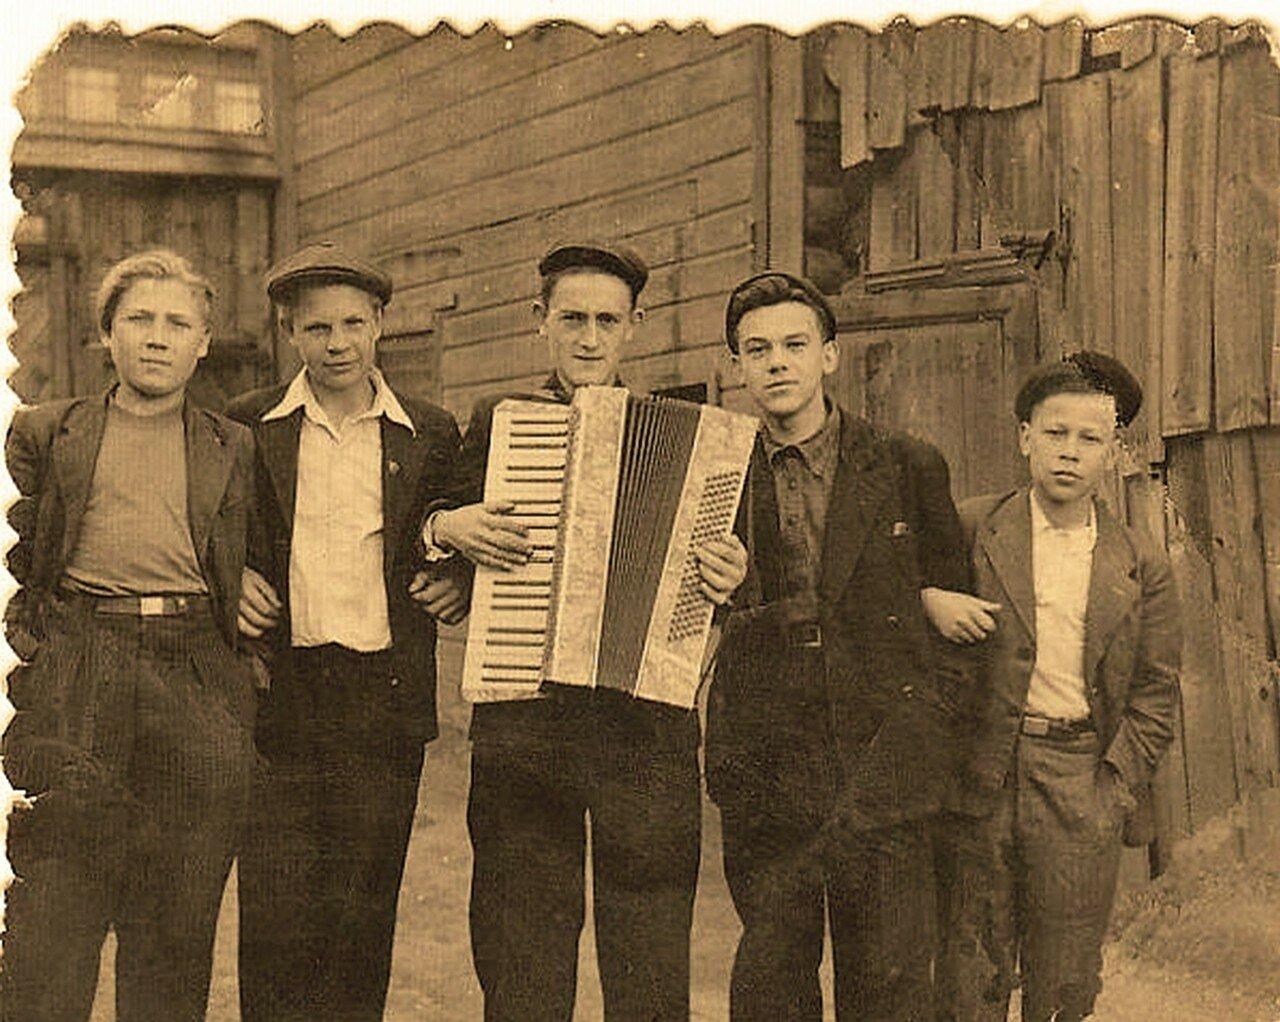 1950. 4 проезд Марьиной рощи, 1 мая (личный архив Фоминой)